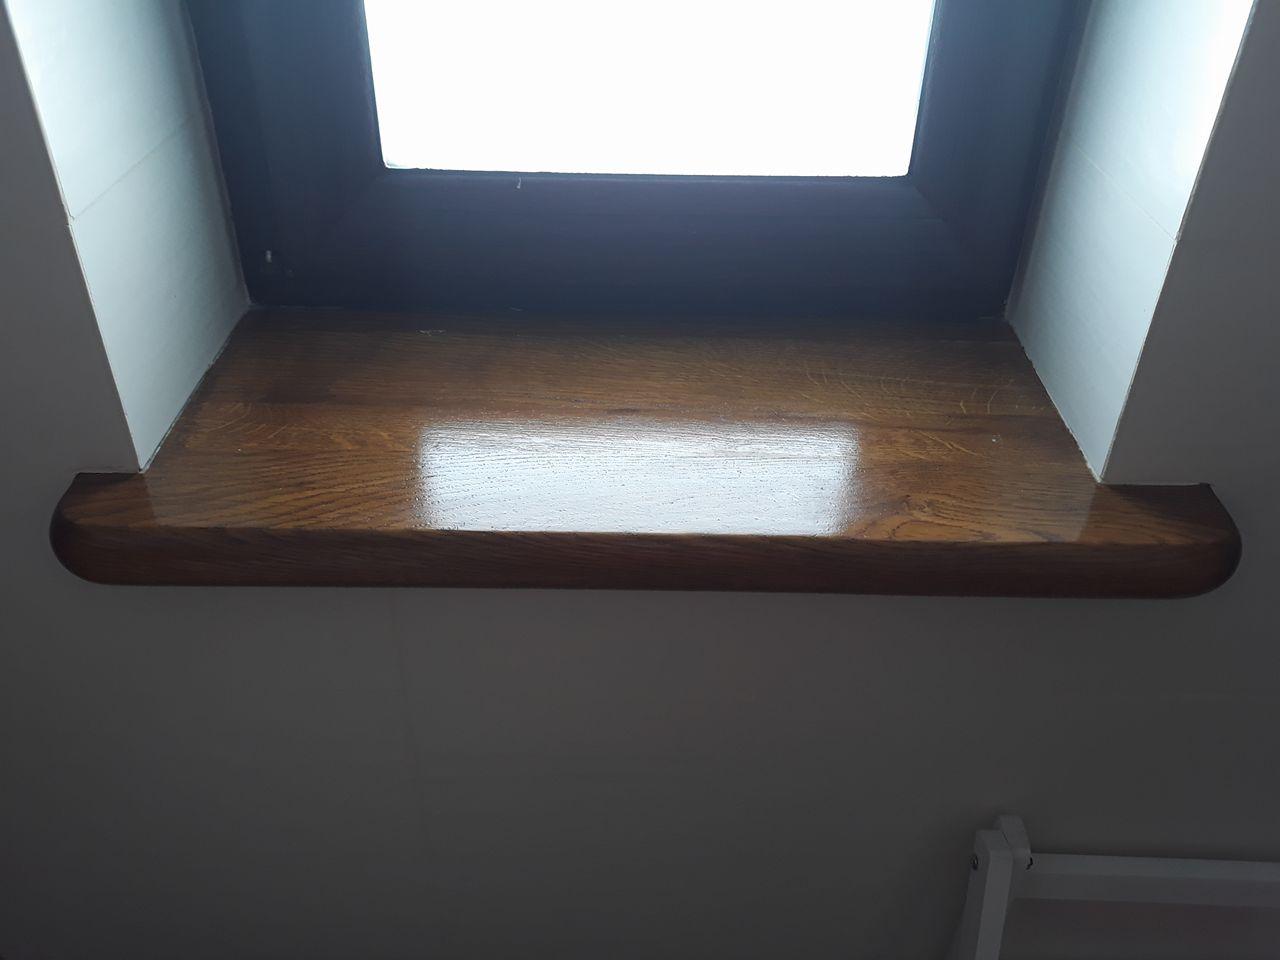 schody drewniane proste gdańsk